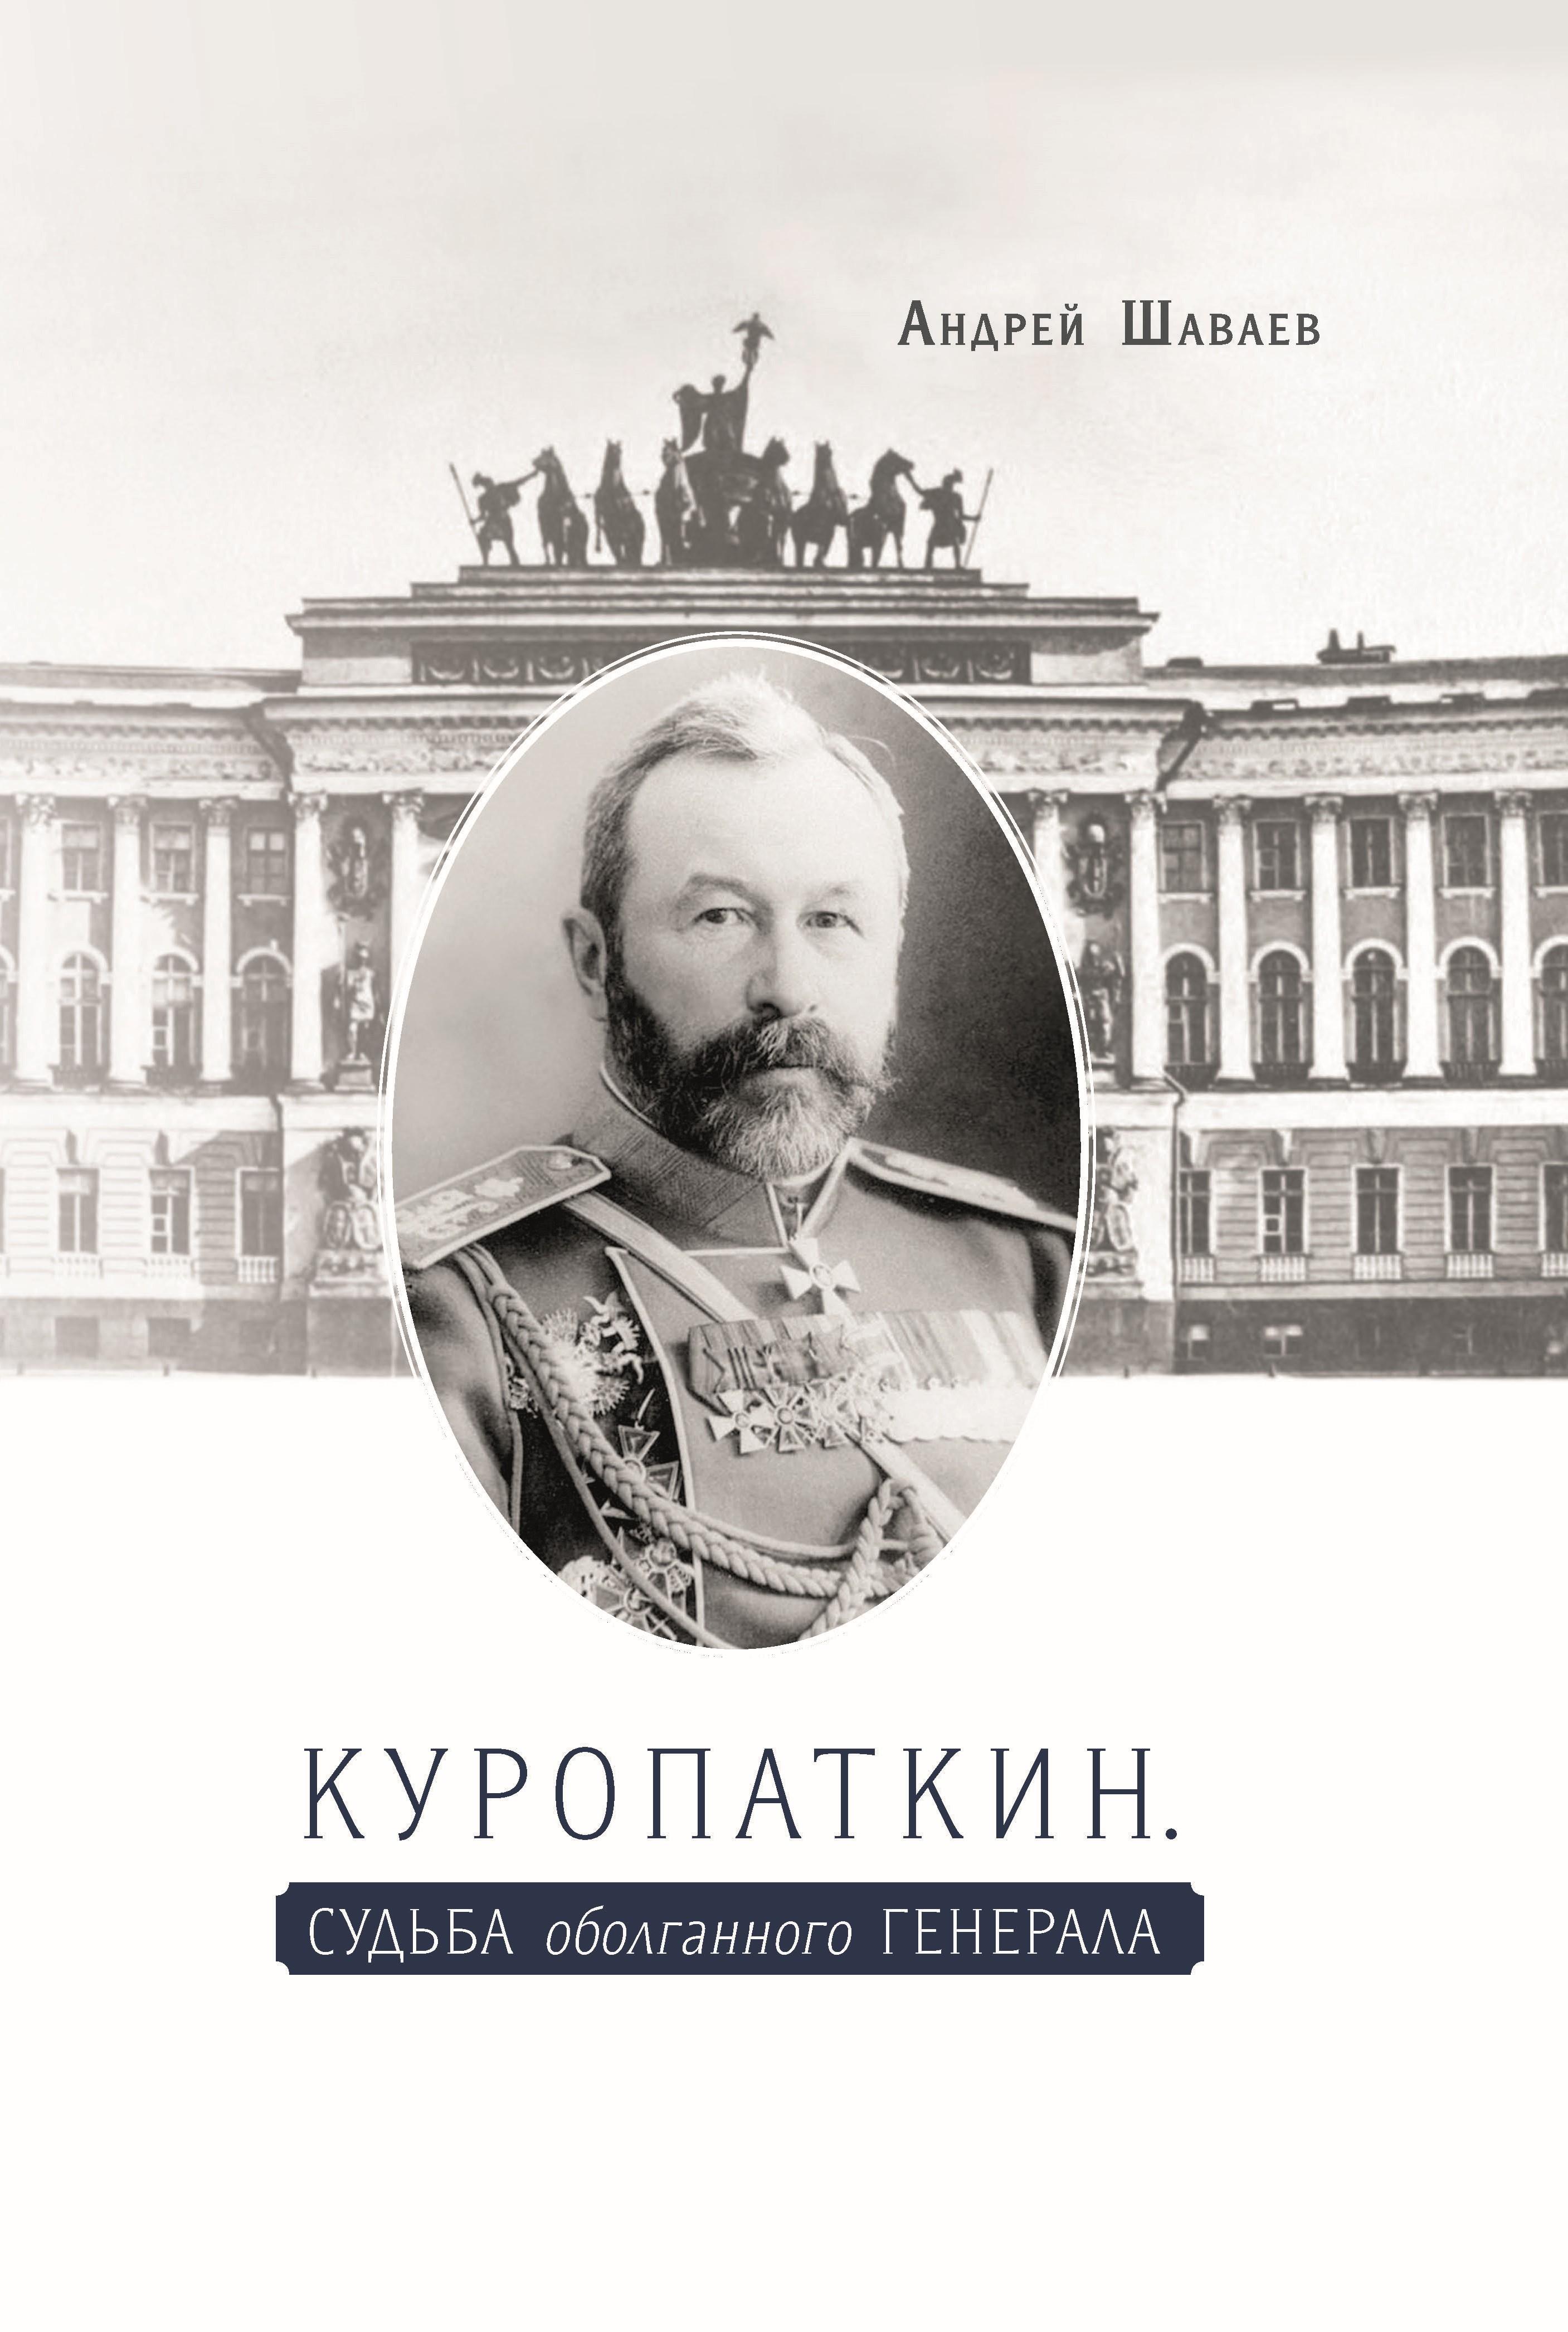 Андрей Шаваев Куропаткин. Судьба оболганного генерала